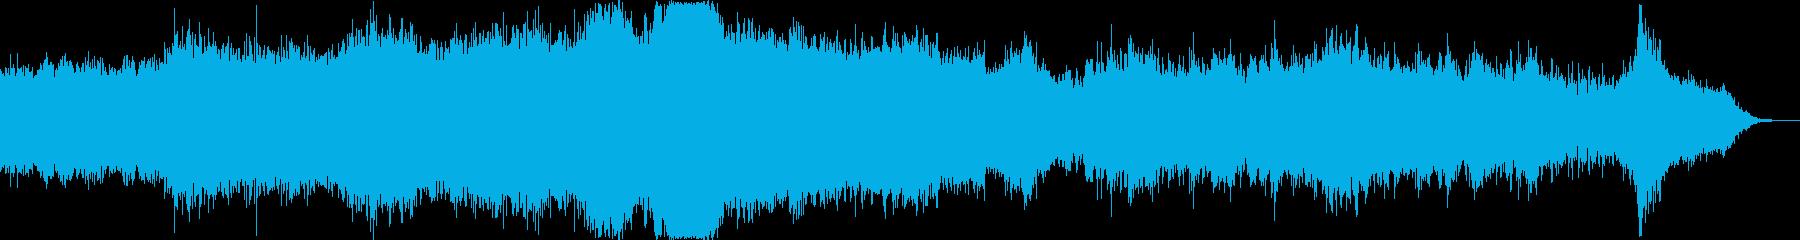 宇宙・深海・深層/サウンドスケープの再生済みの波形